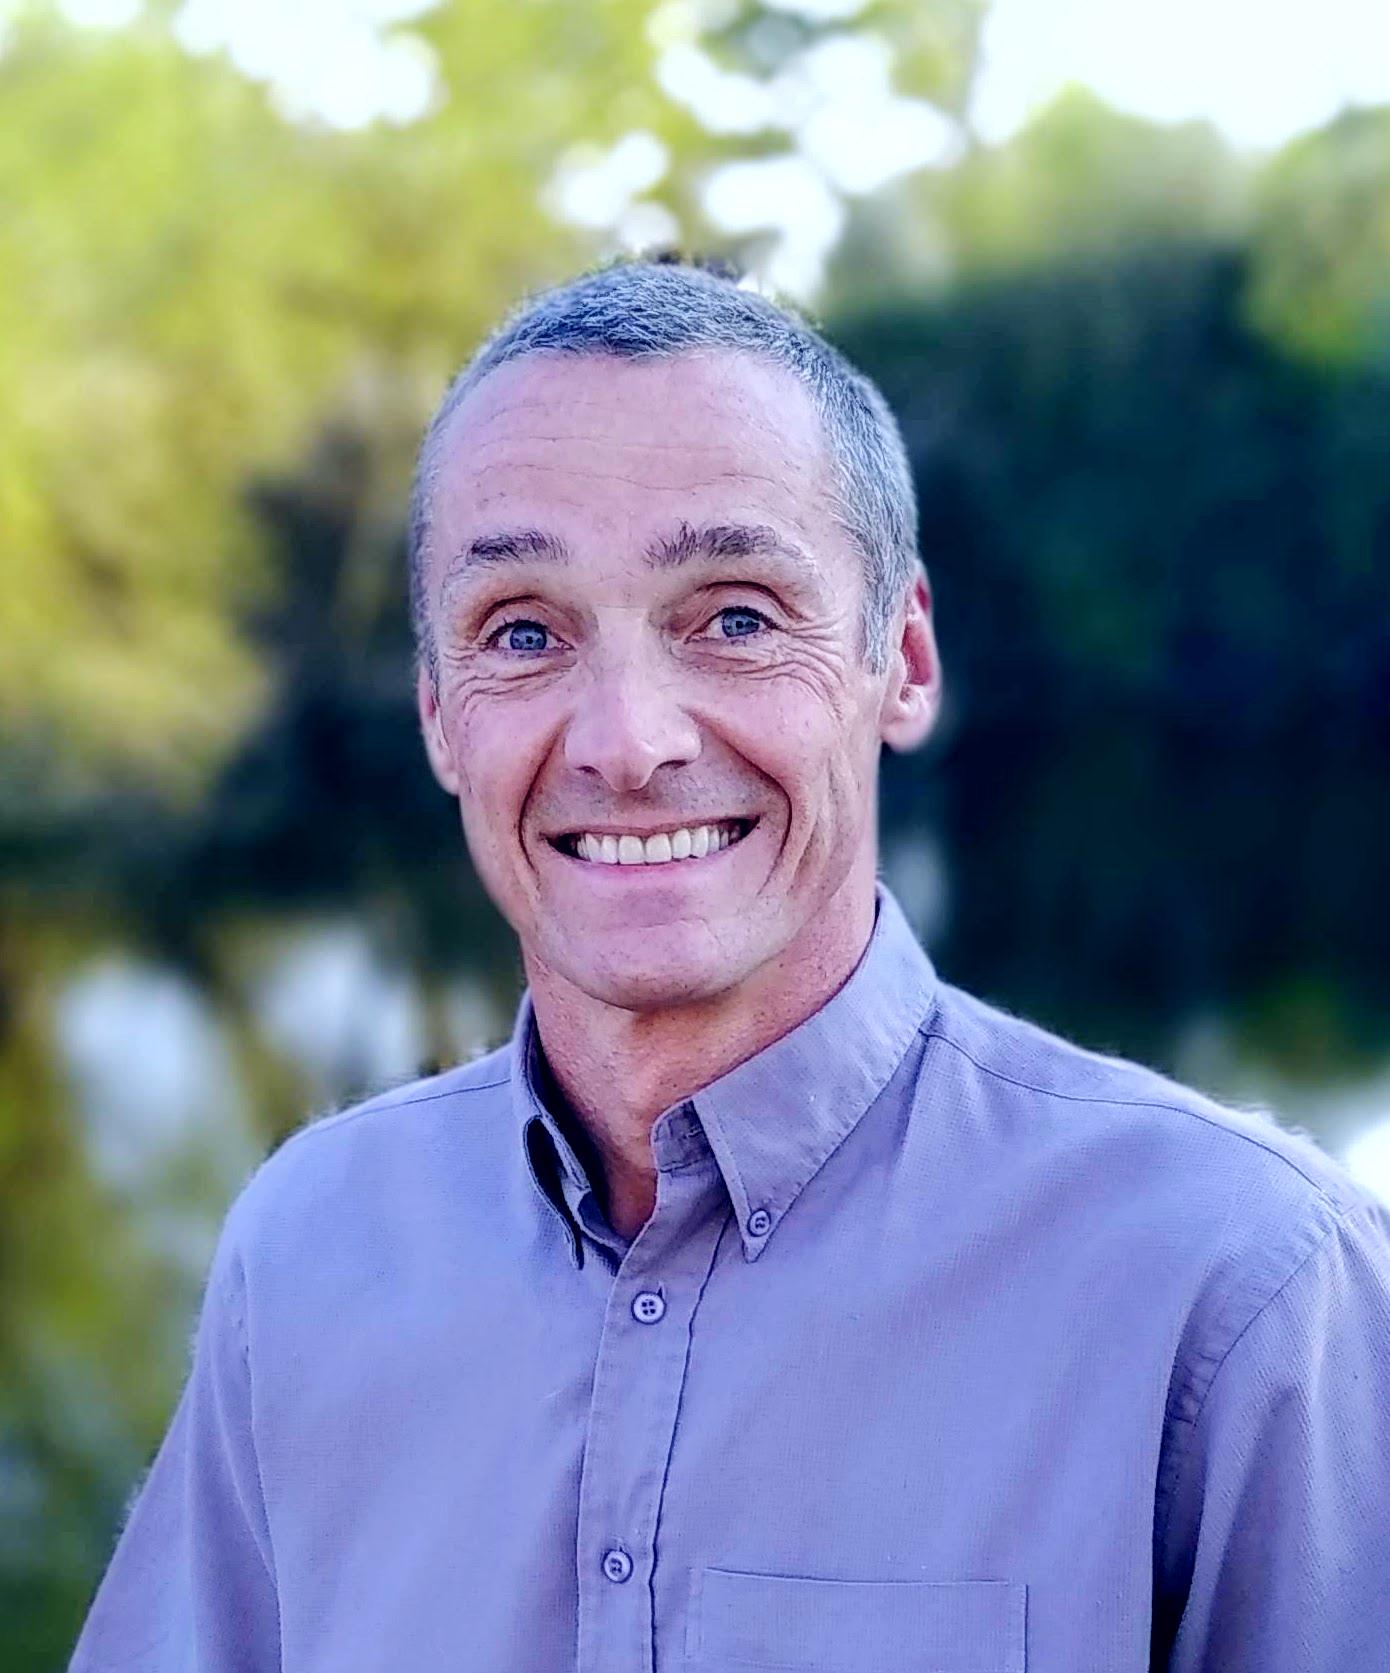 Nicolas-Granger-coach-vie-personnel-sportif-écologie